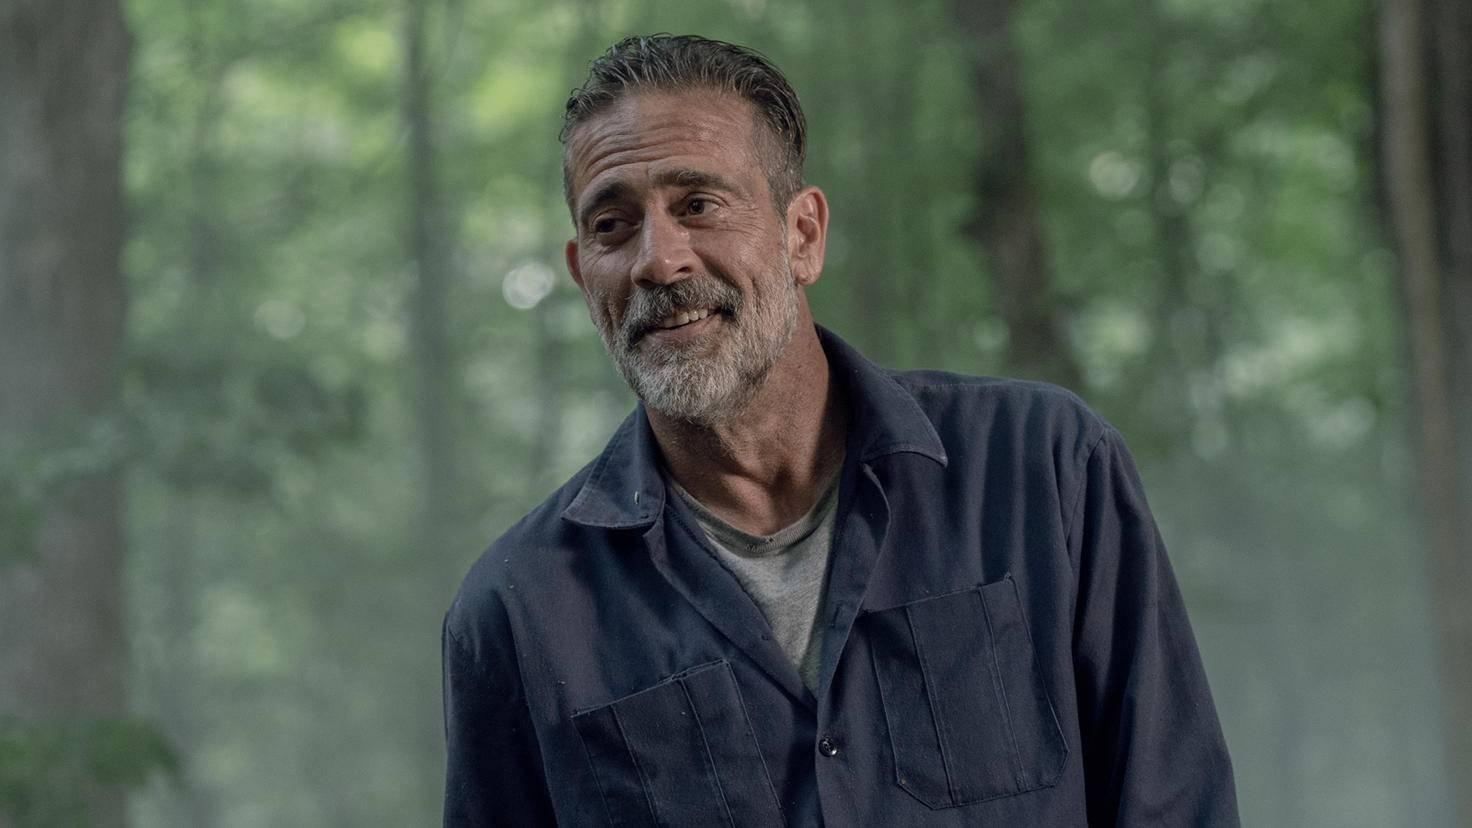 The Walking Dead-S10E05-Negan-Jace Downs-AMC